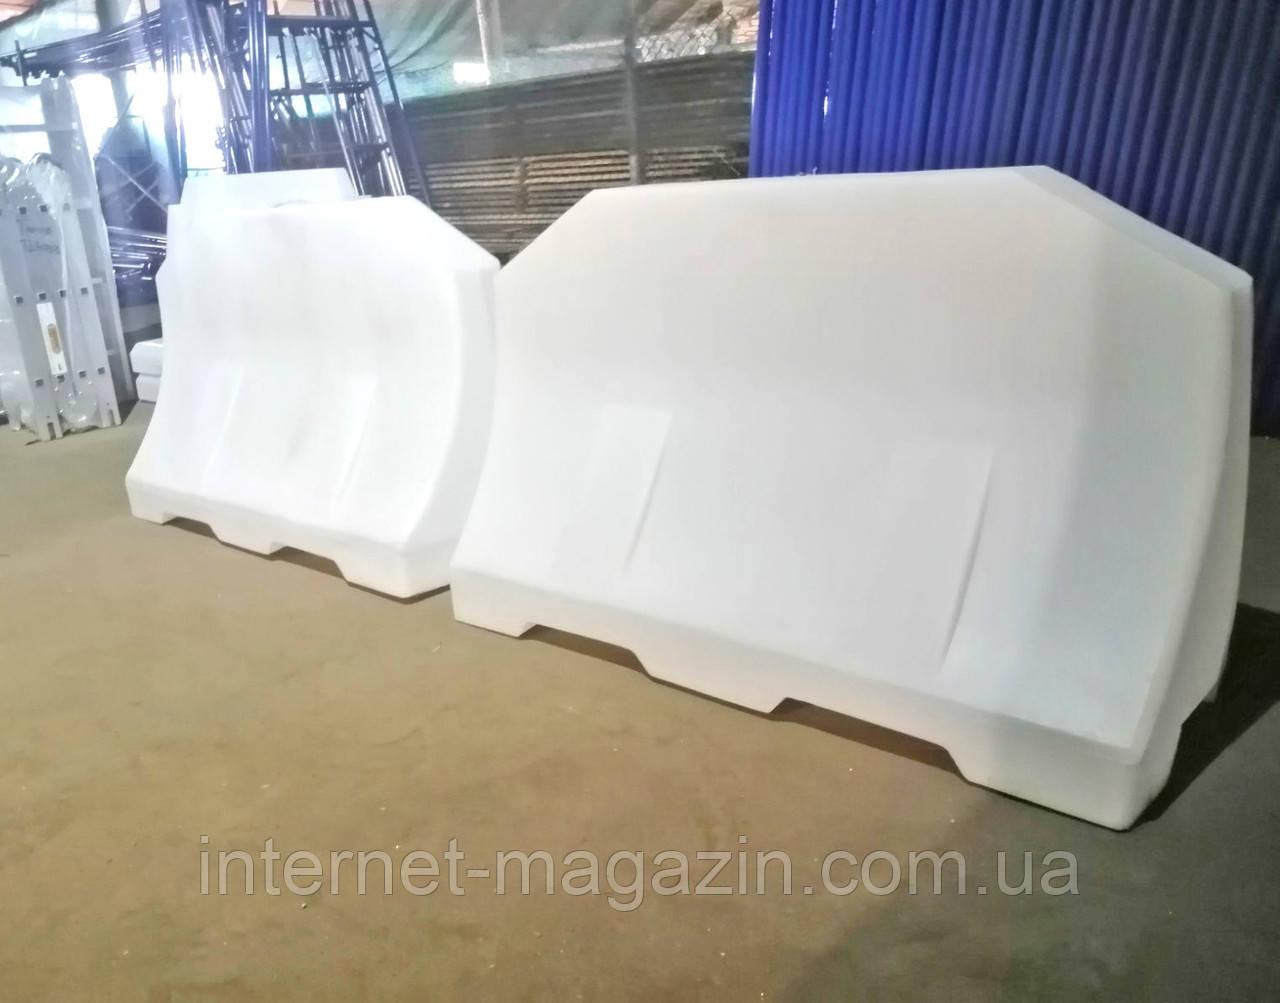 Дорожный барьер водоналивной пластиковый белый 1.2 (м)